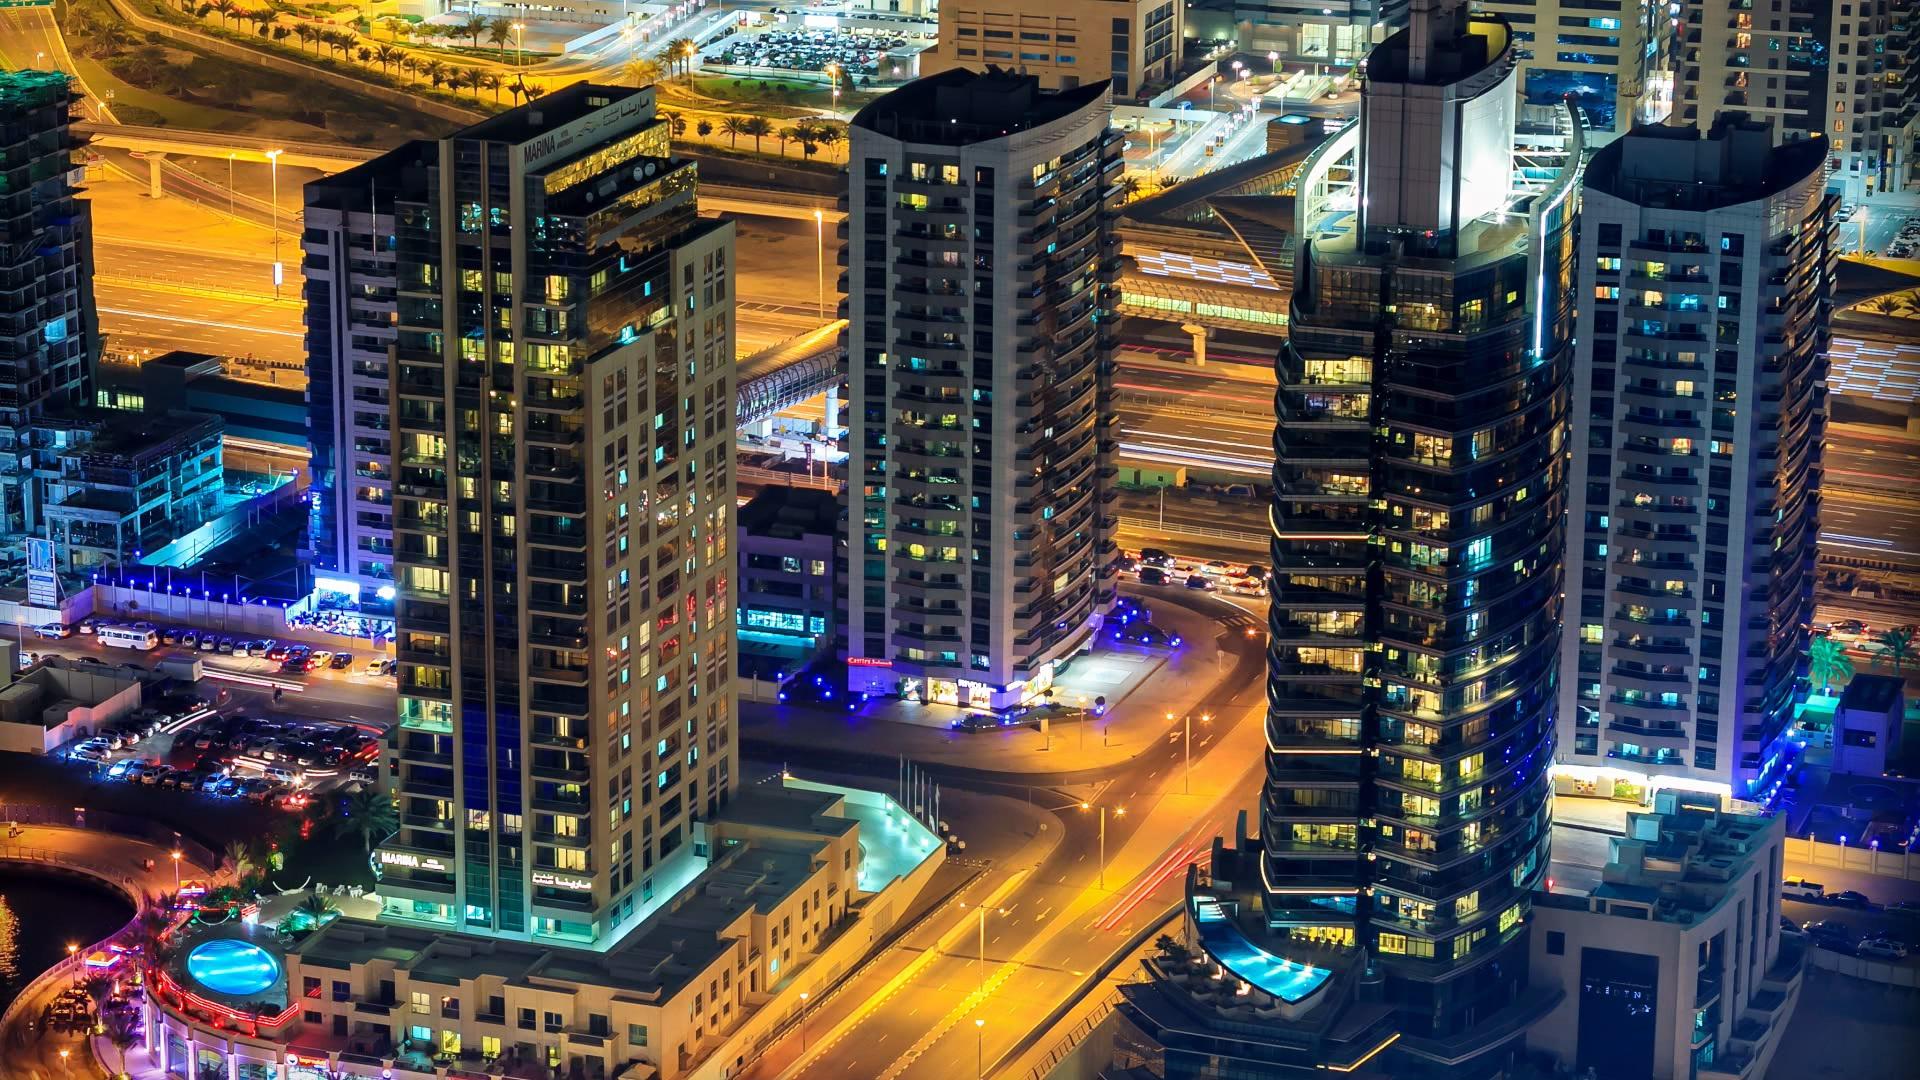 Samsung in Dubai